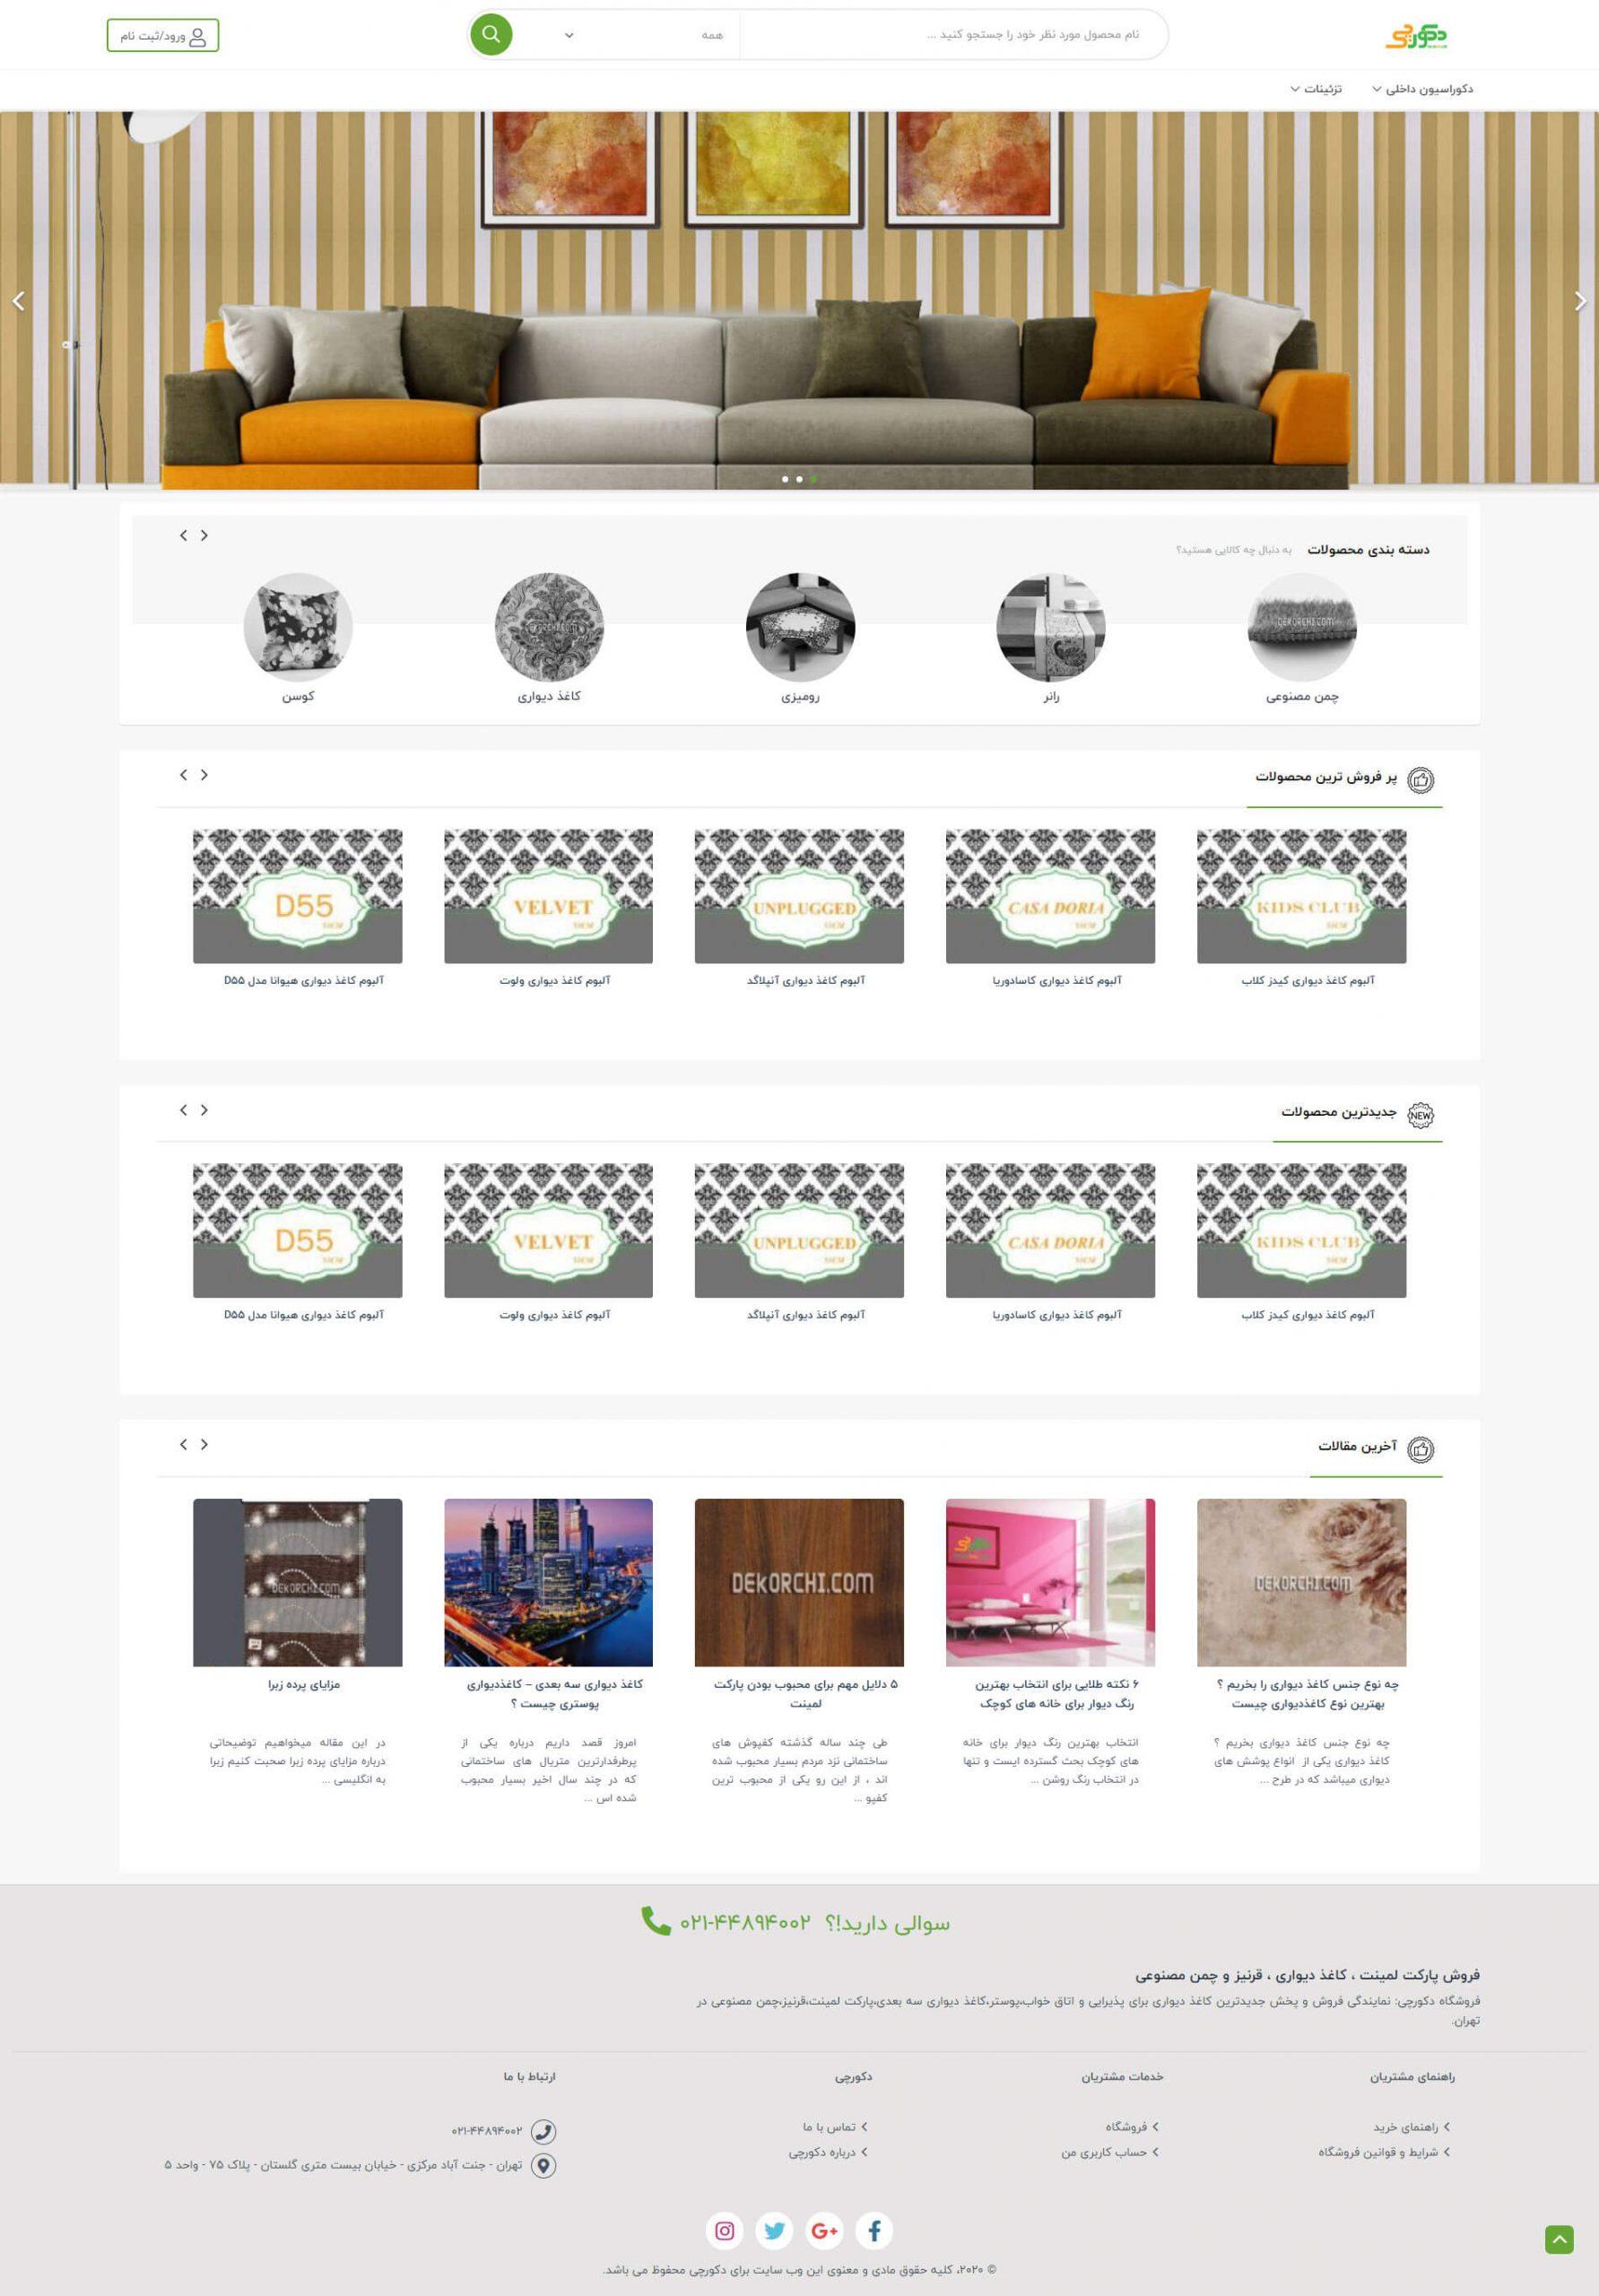 طراحی سایت,طراحی سایت دکورچی,طراحی سایت شرکتی